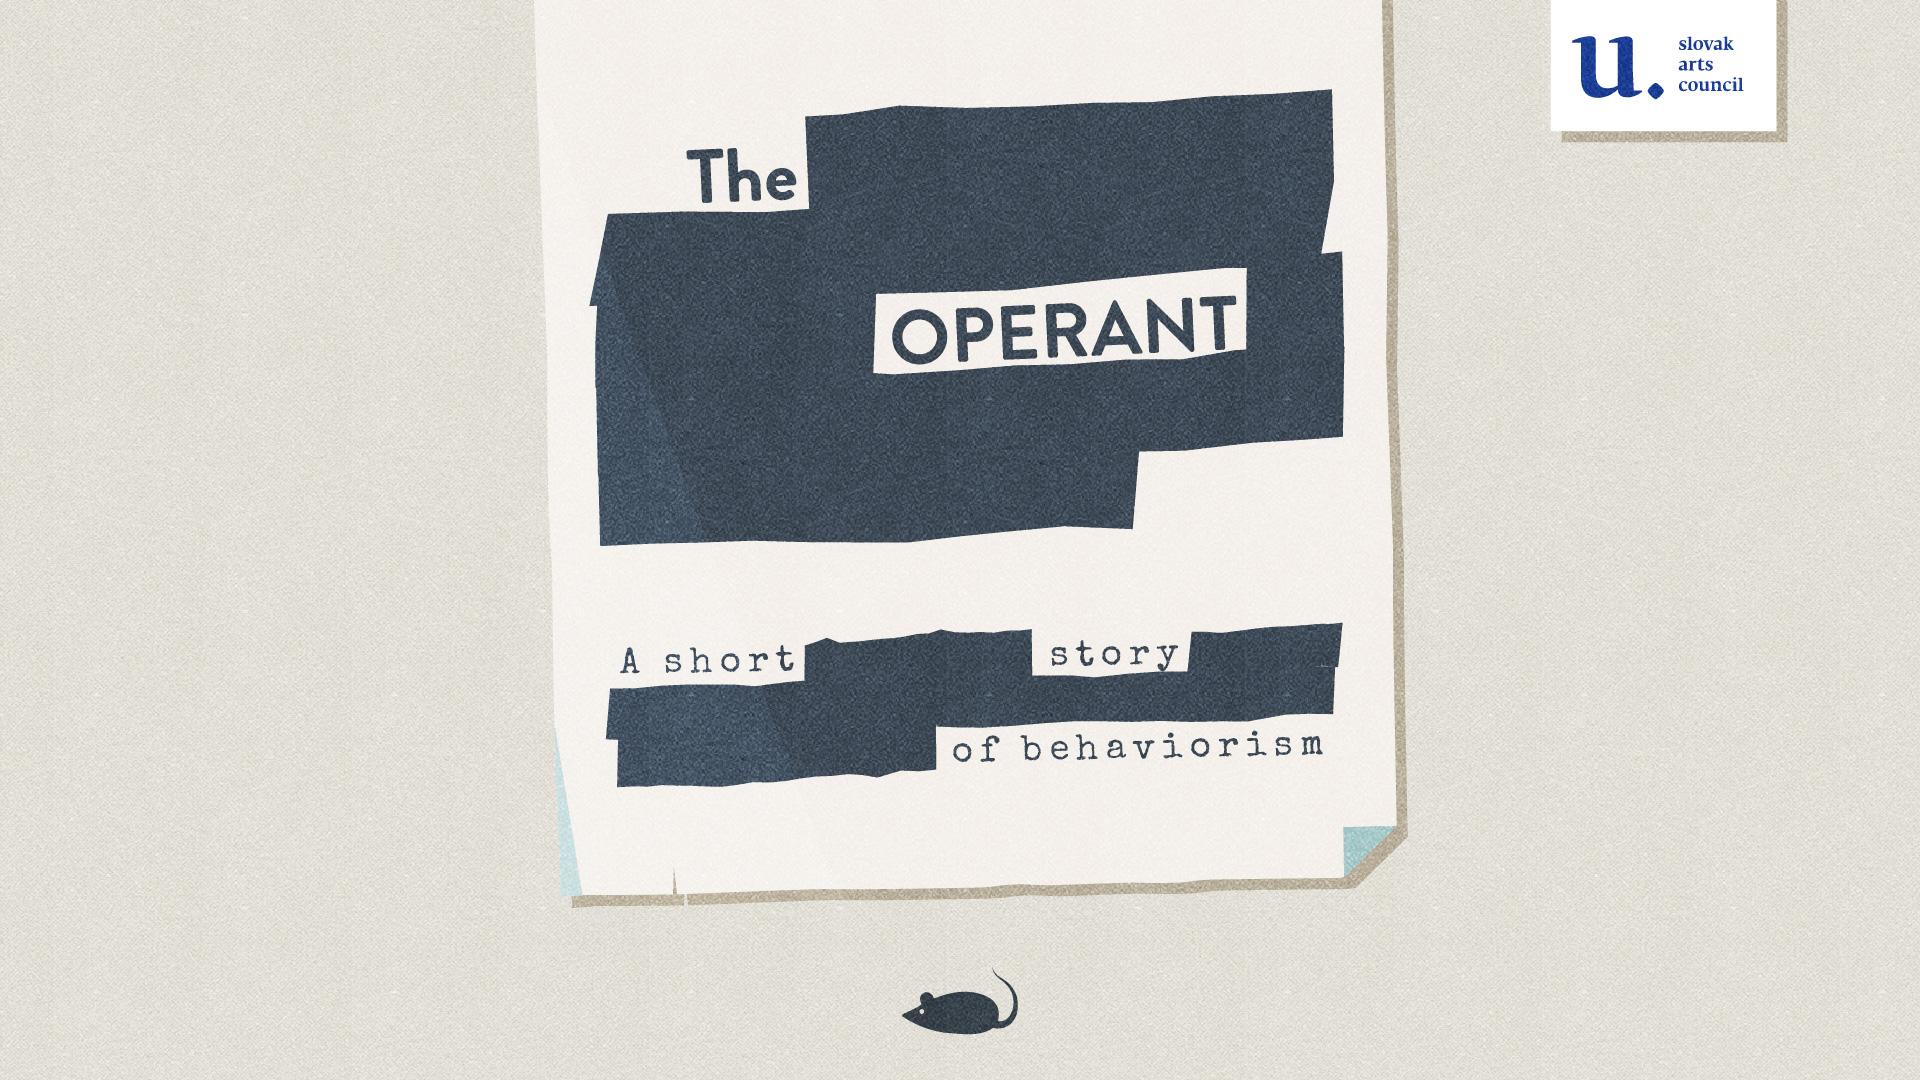 The Operant